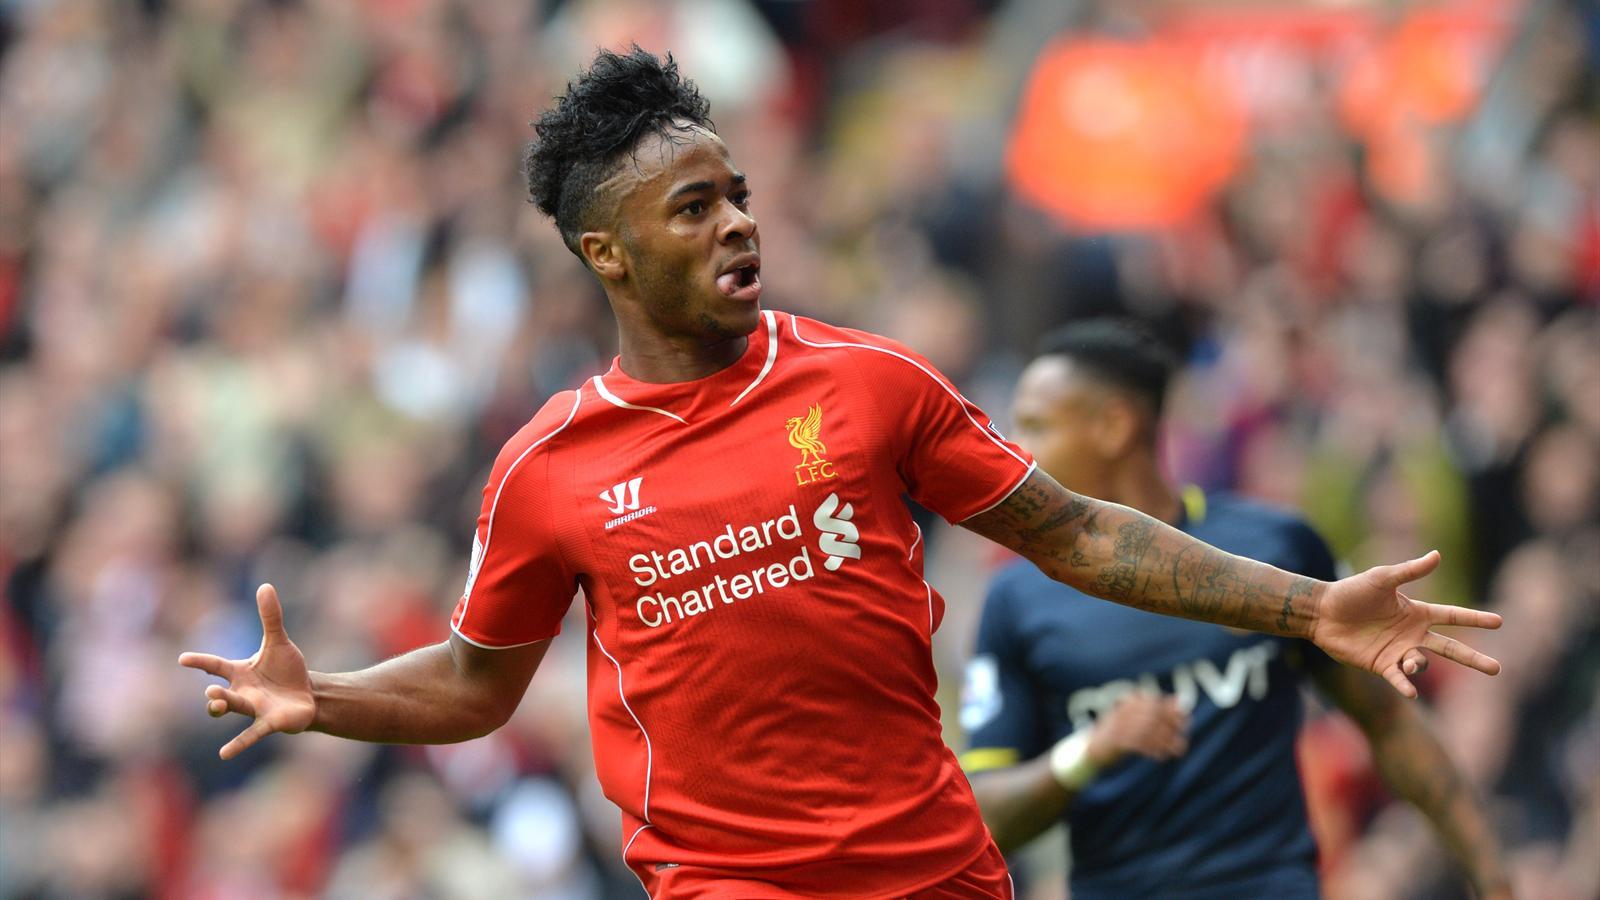 Liverpool débute par une victoire devant Southampton (2-1), grâce à Sterling et Sturridge